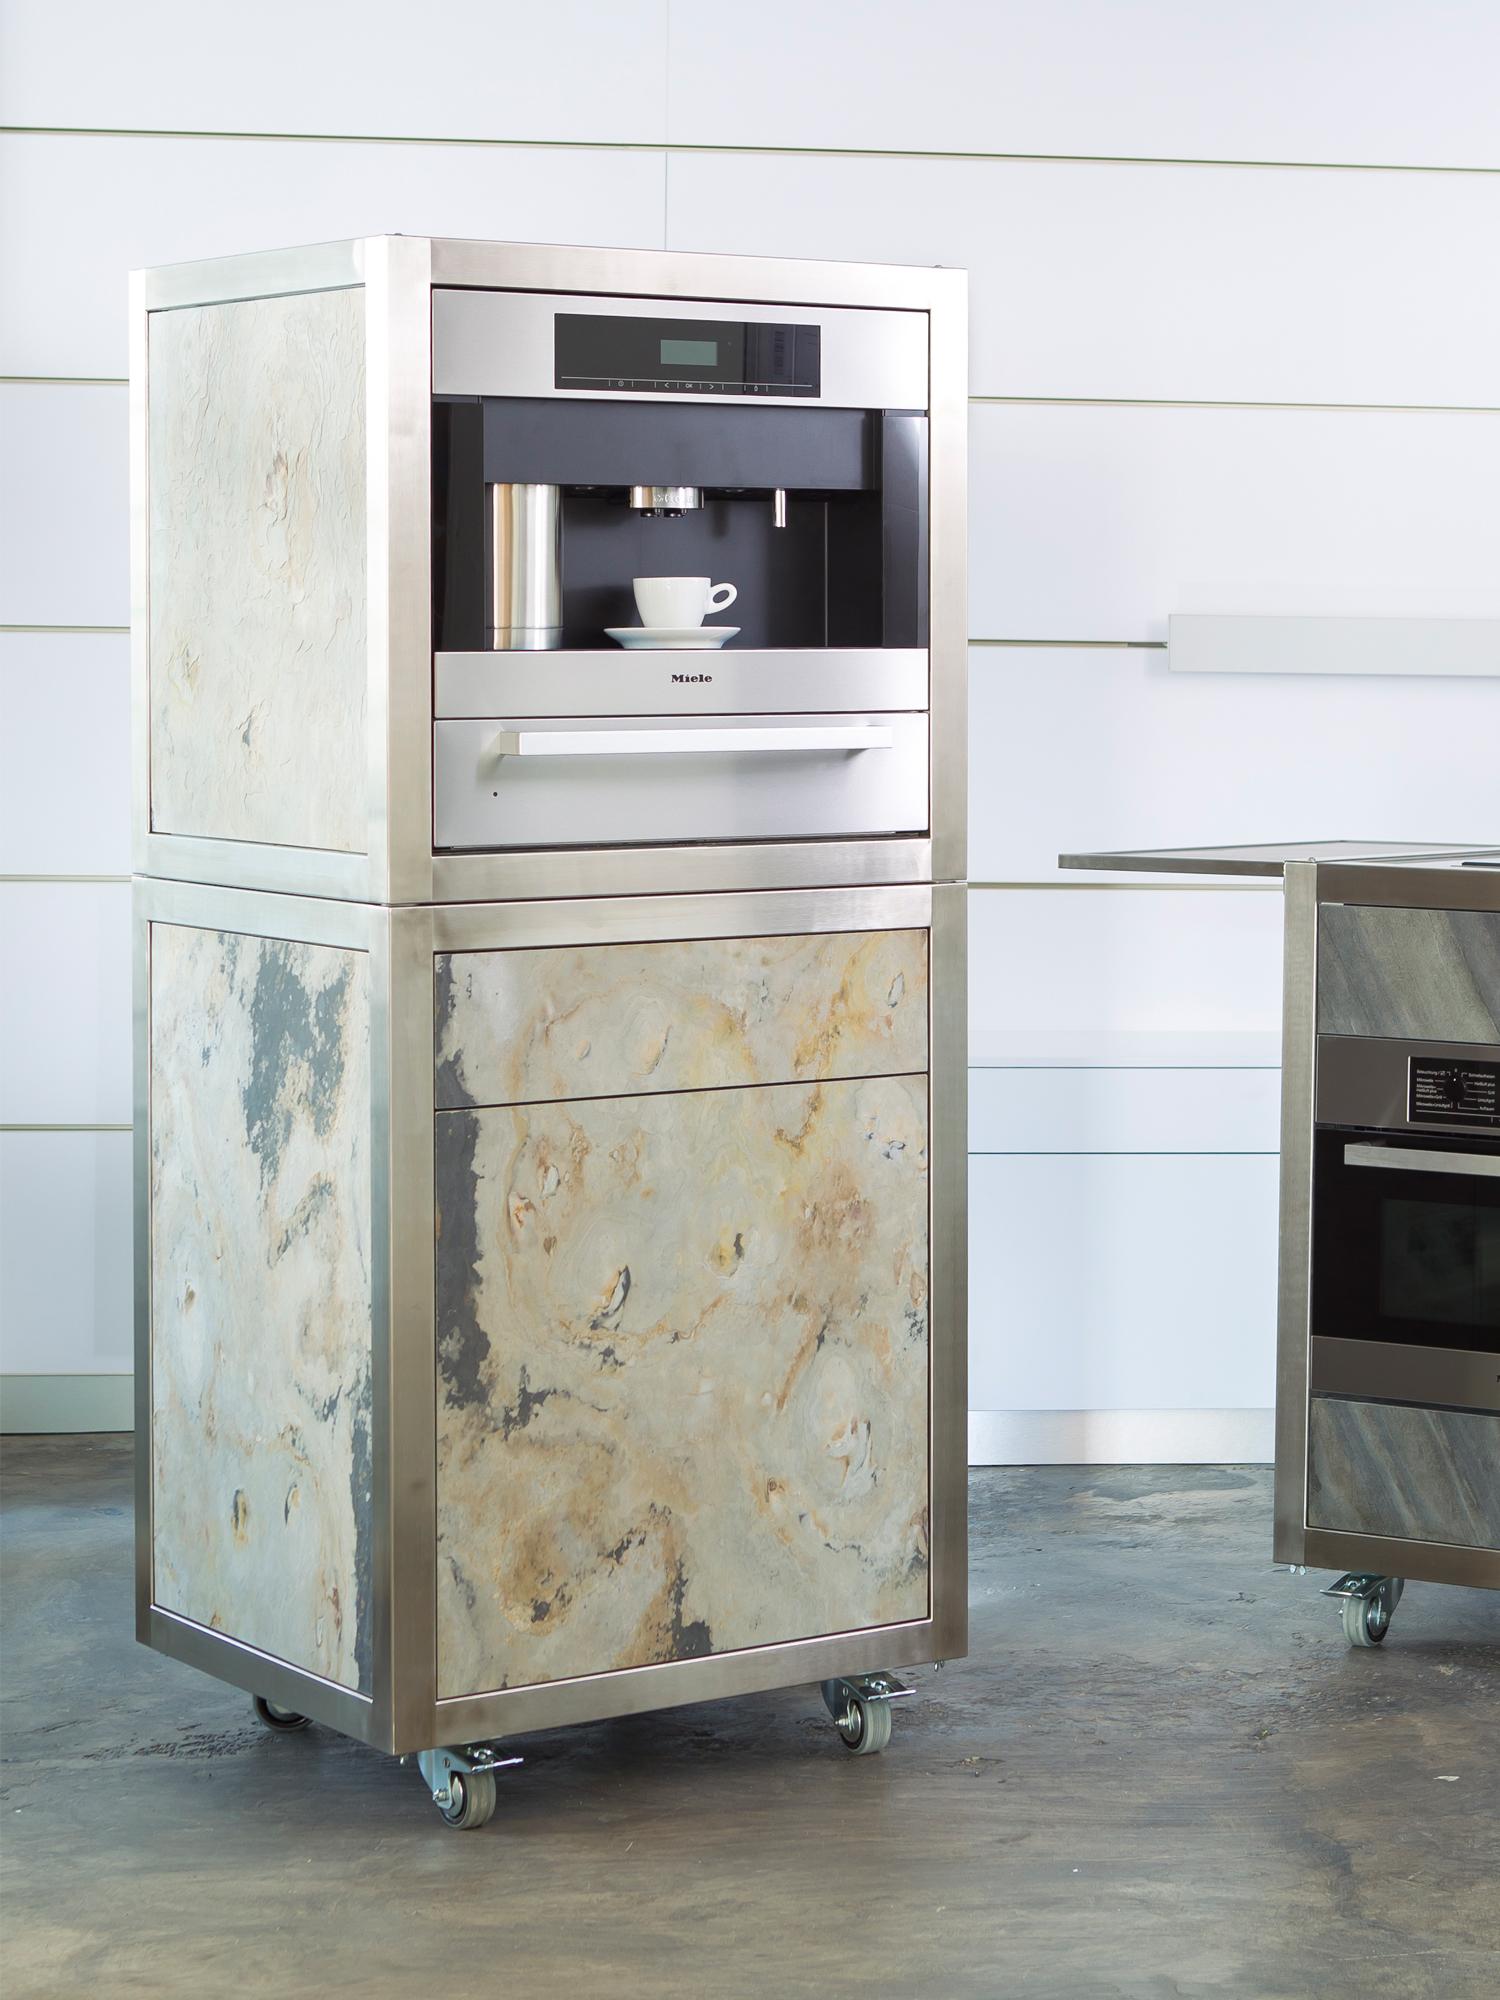 Die mobile Küche Neoculina für das Büro mit Kaffeeautomat